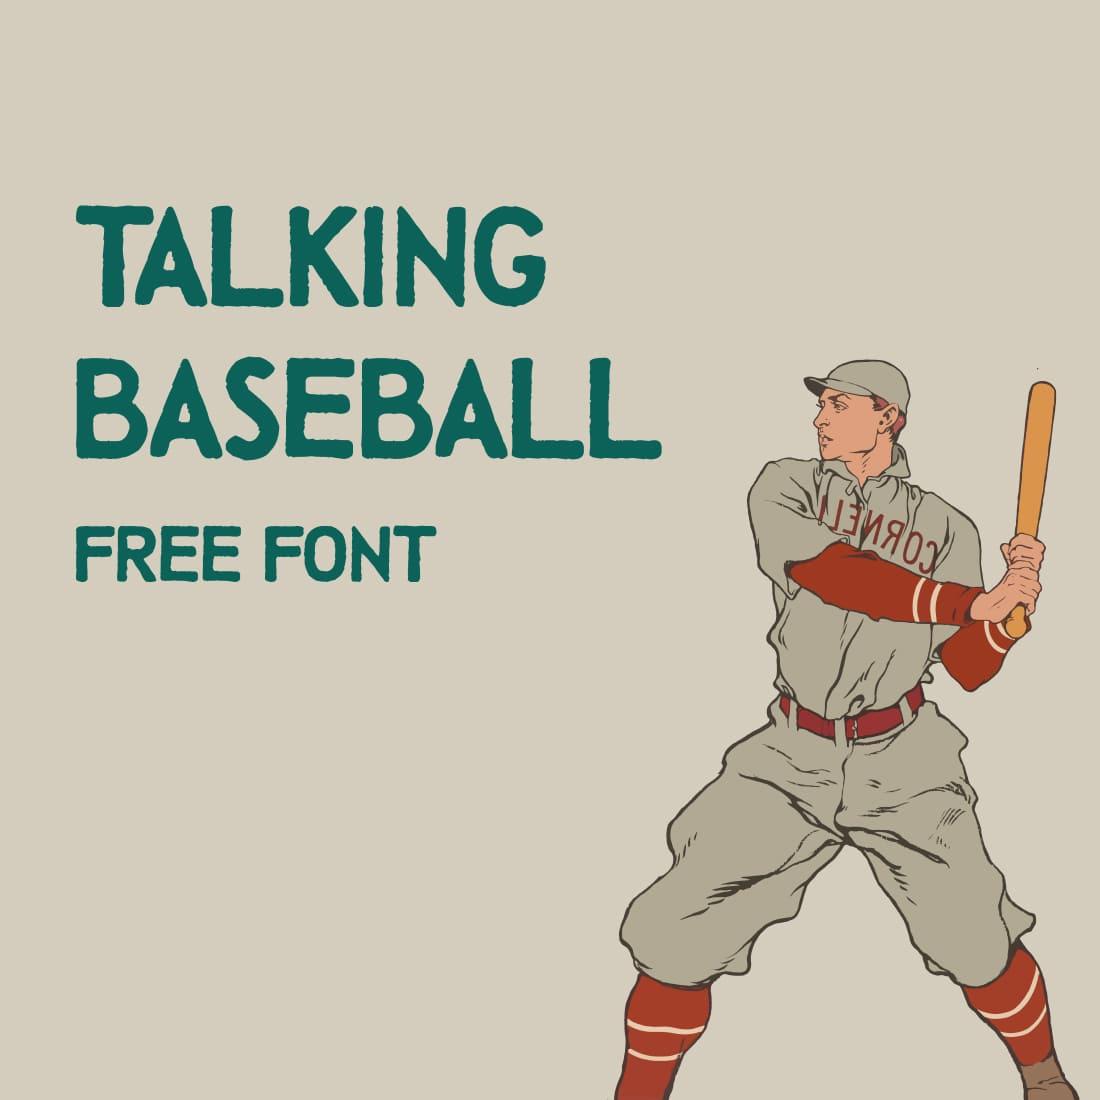 Free Baseball Font Main Preview Image by MasterBundles.